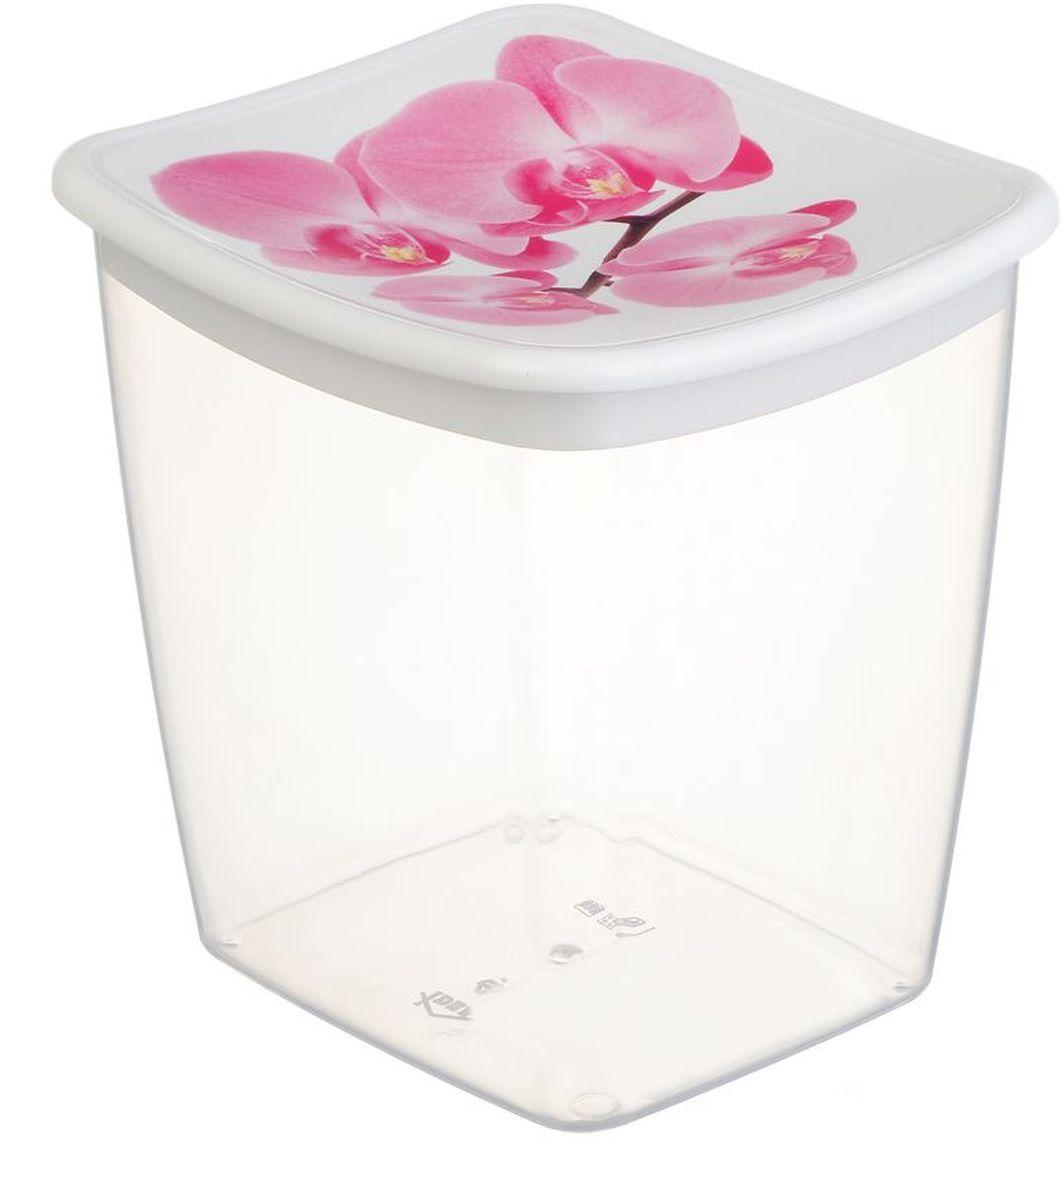 Емкость для сыпучих продуктов Idea Деко. Орхидея, 1 лМ 1225